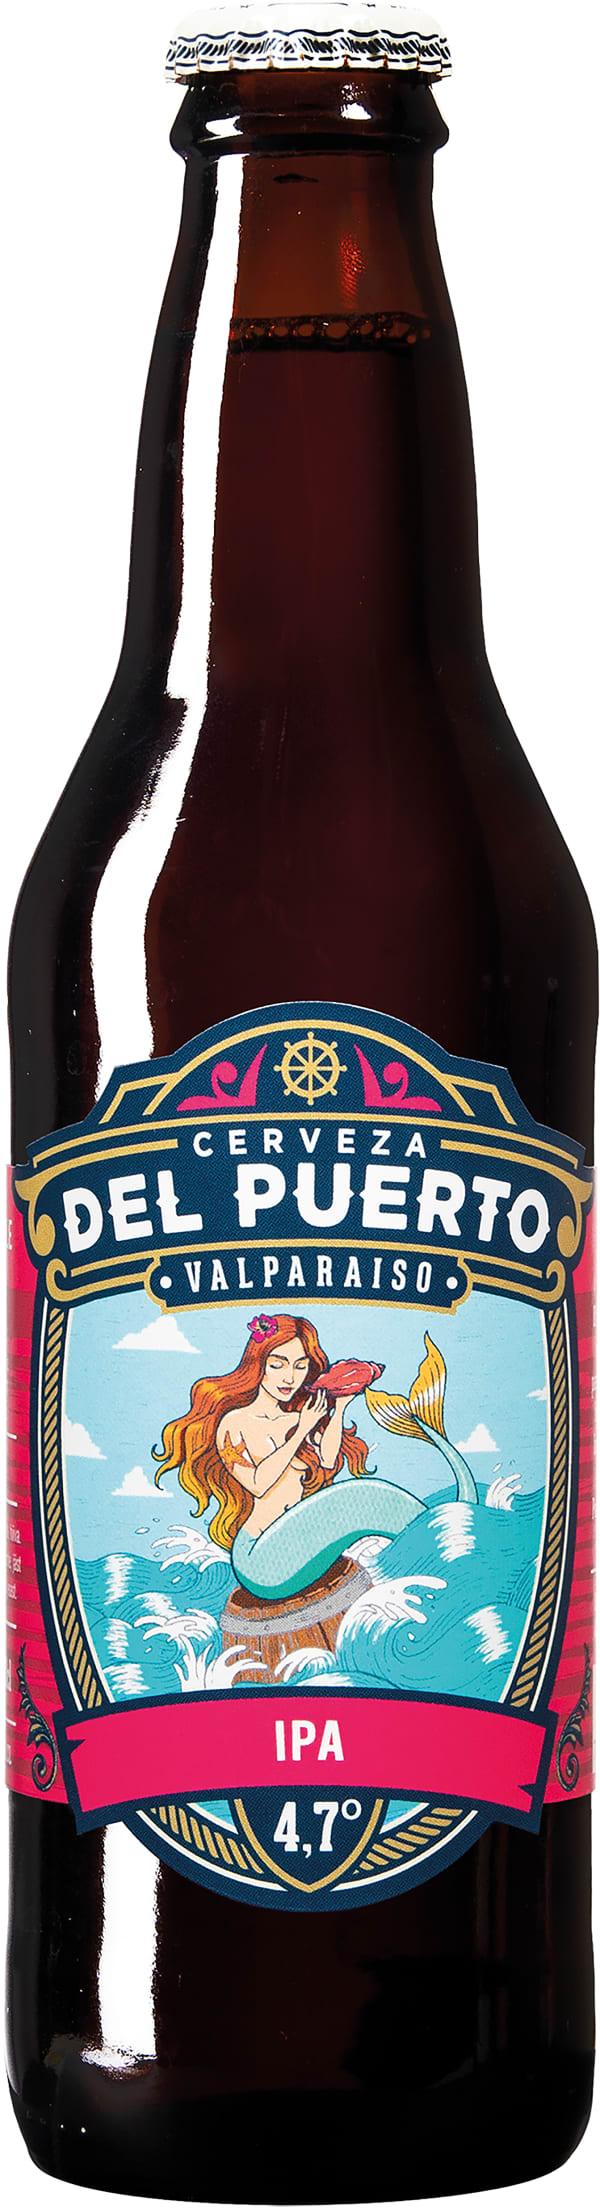 Cerveza del Puerto IPA